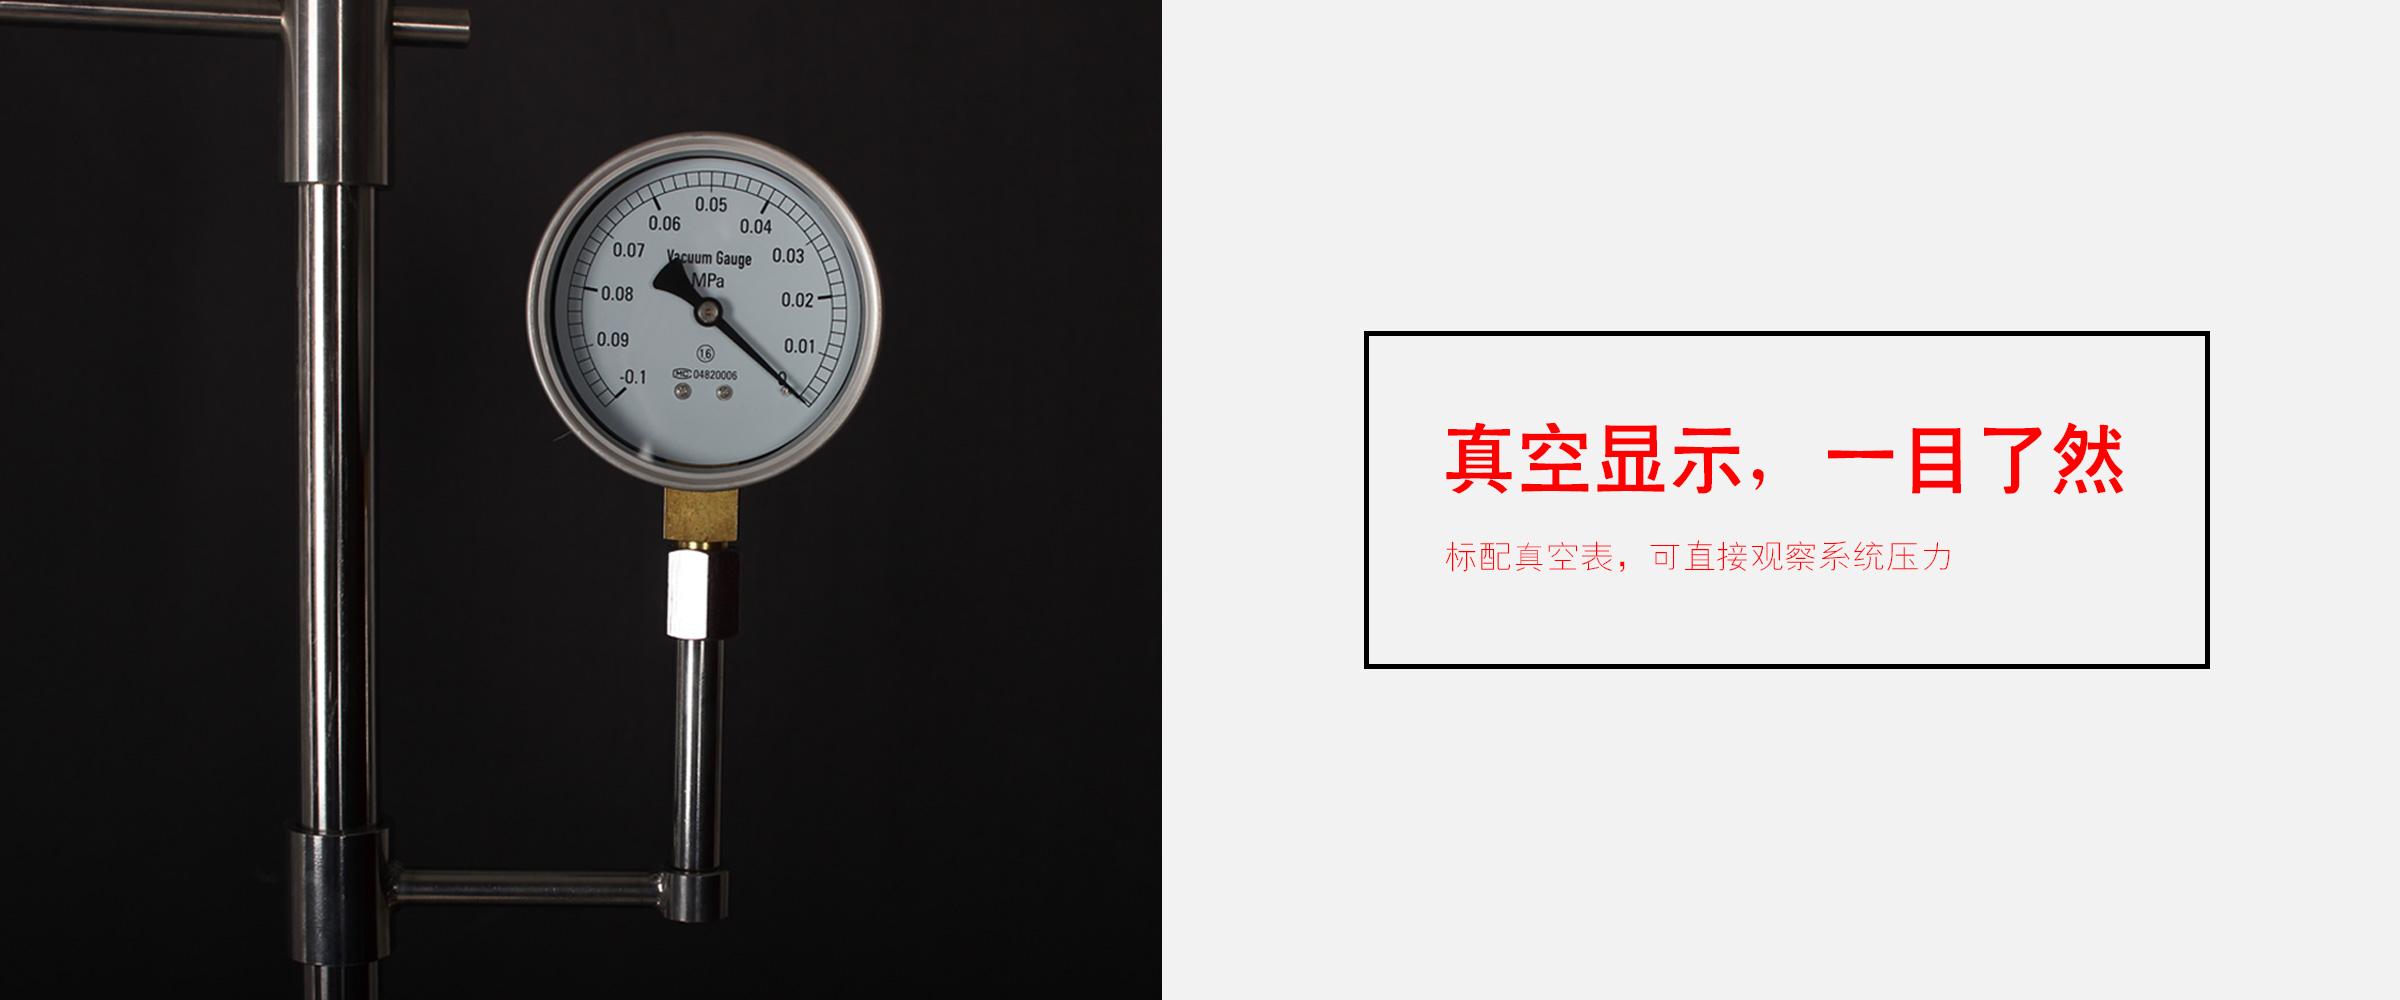 R系旋转蒸发仪 (8)